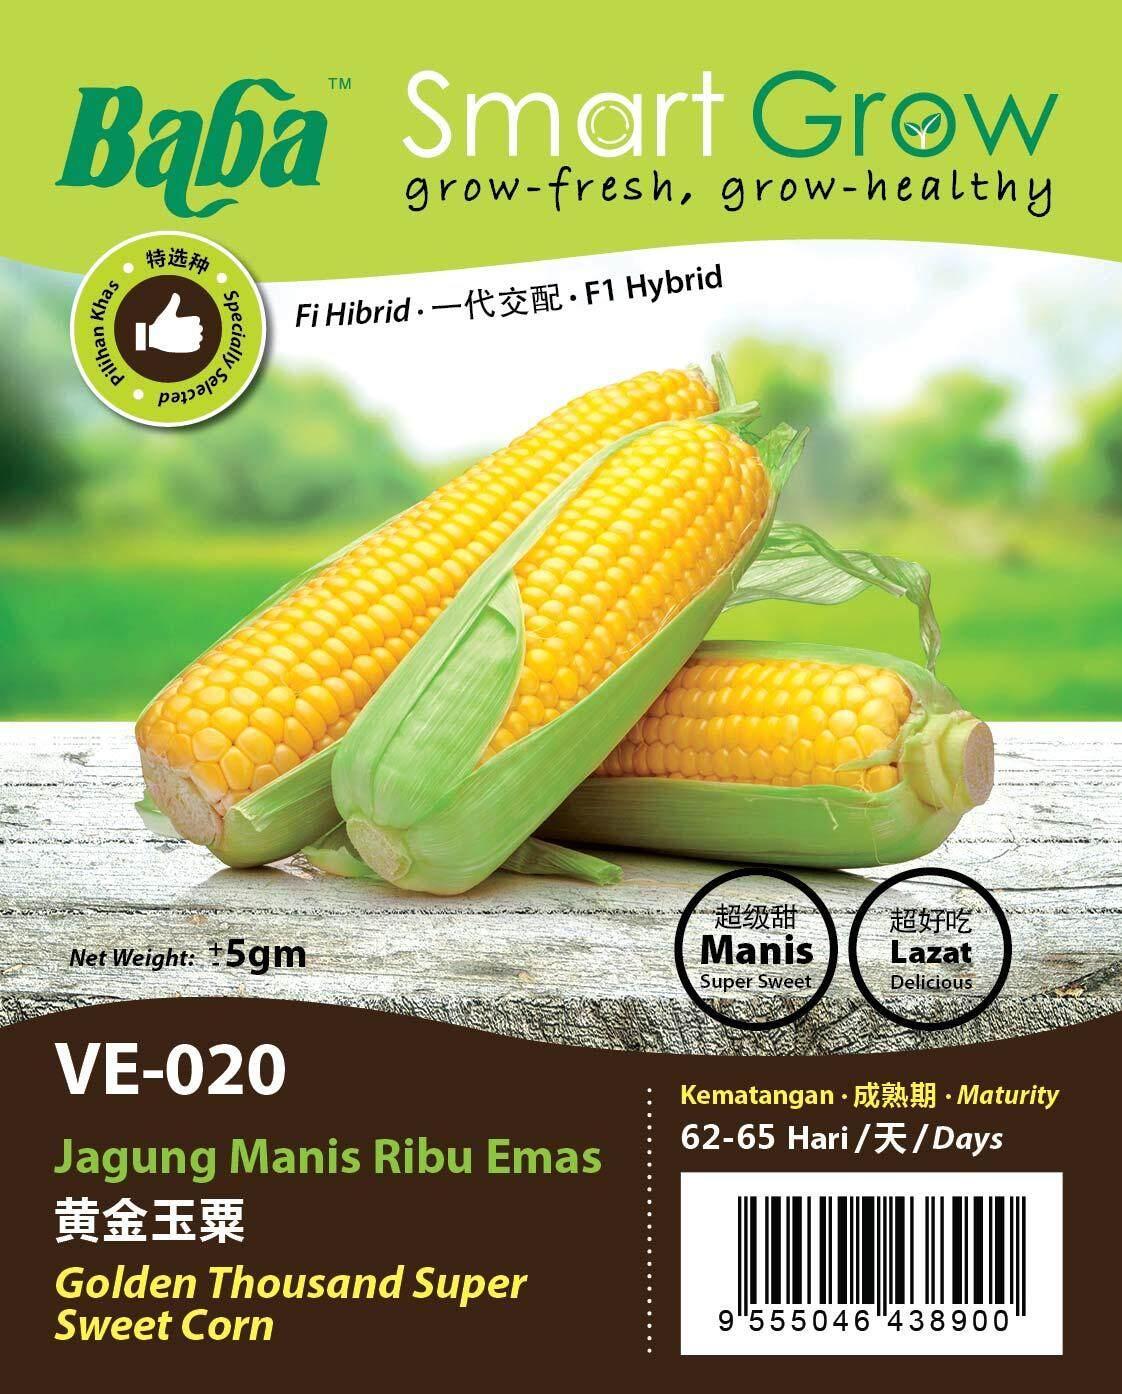 Baba Smart Grow - Golden Thousand Super Sweet Corn 黄金玉米